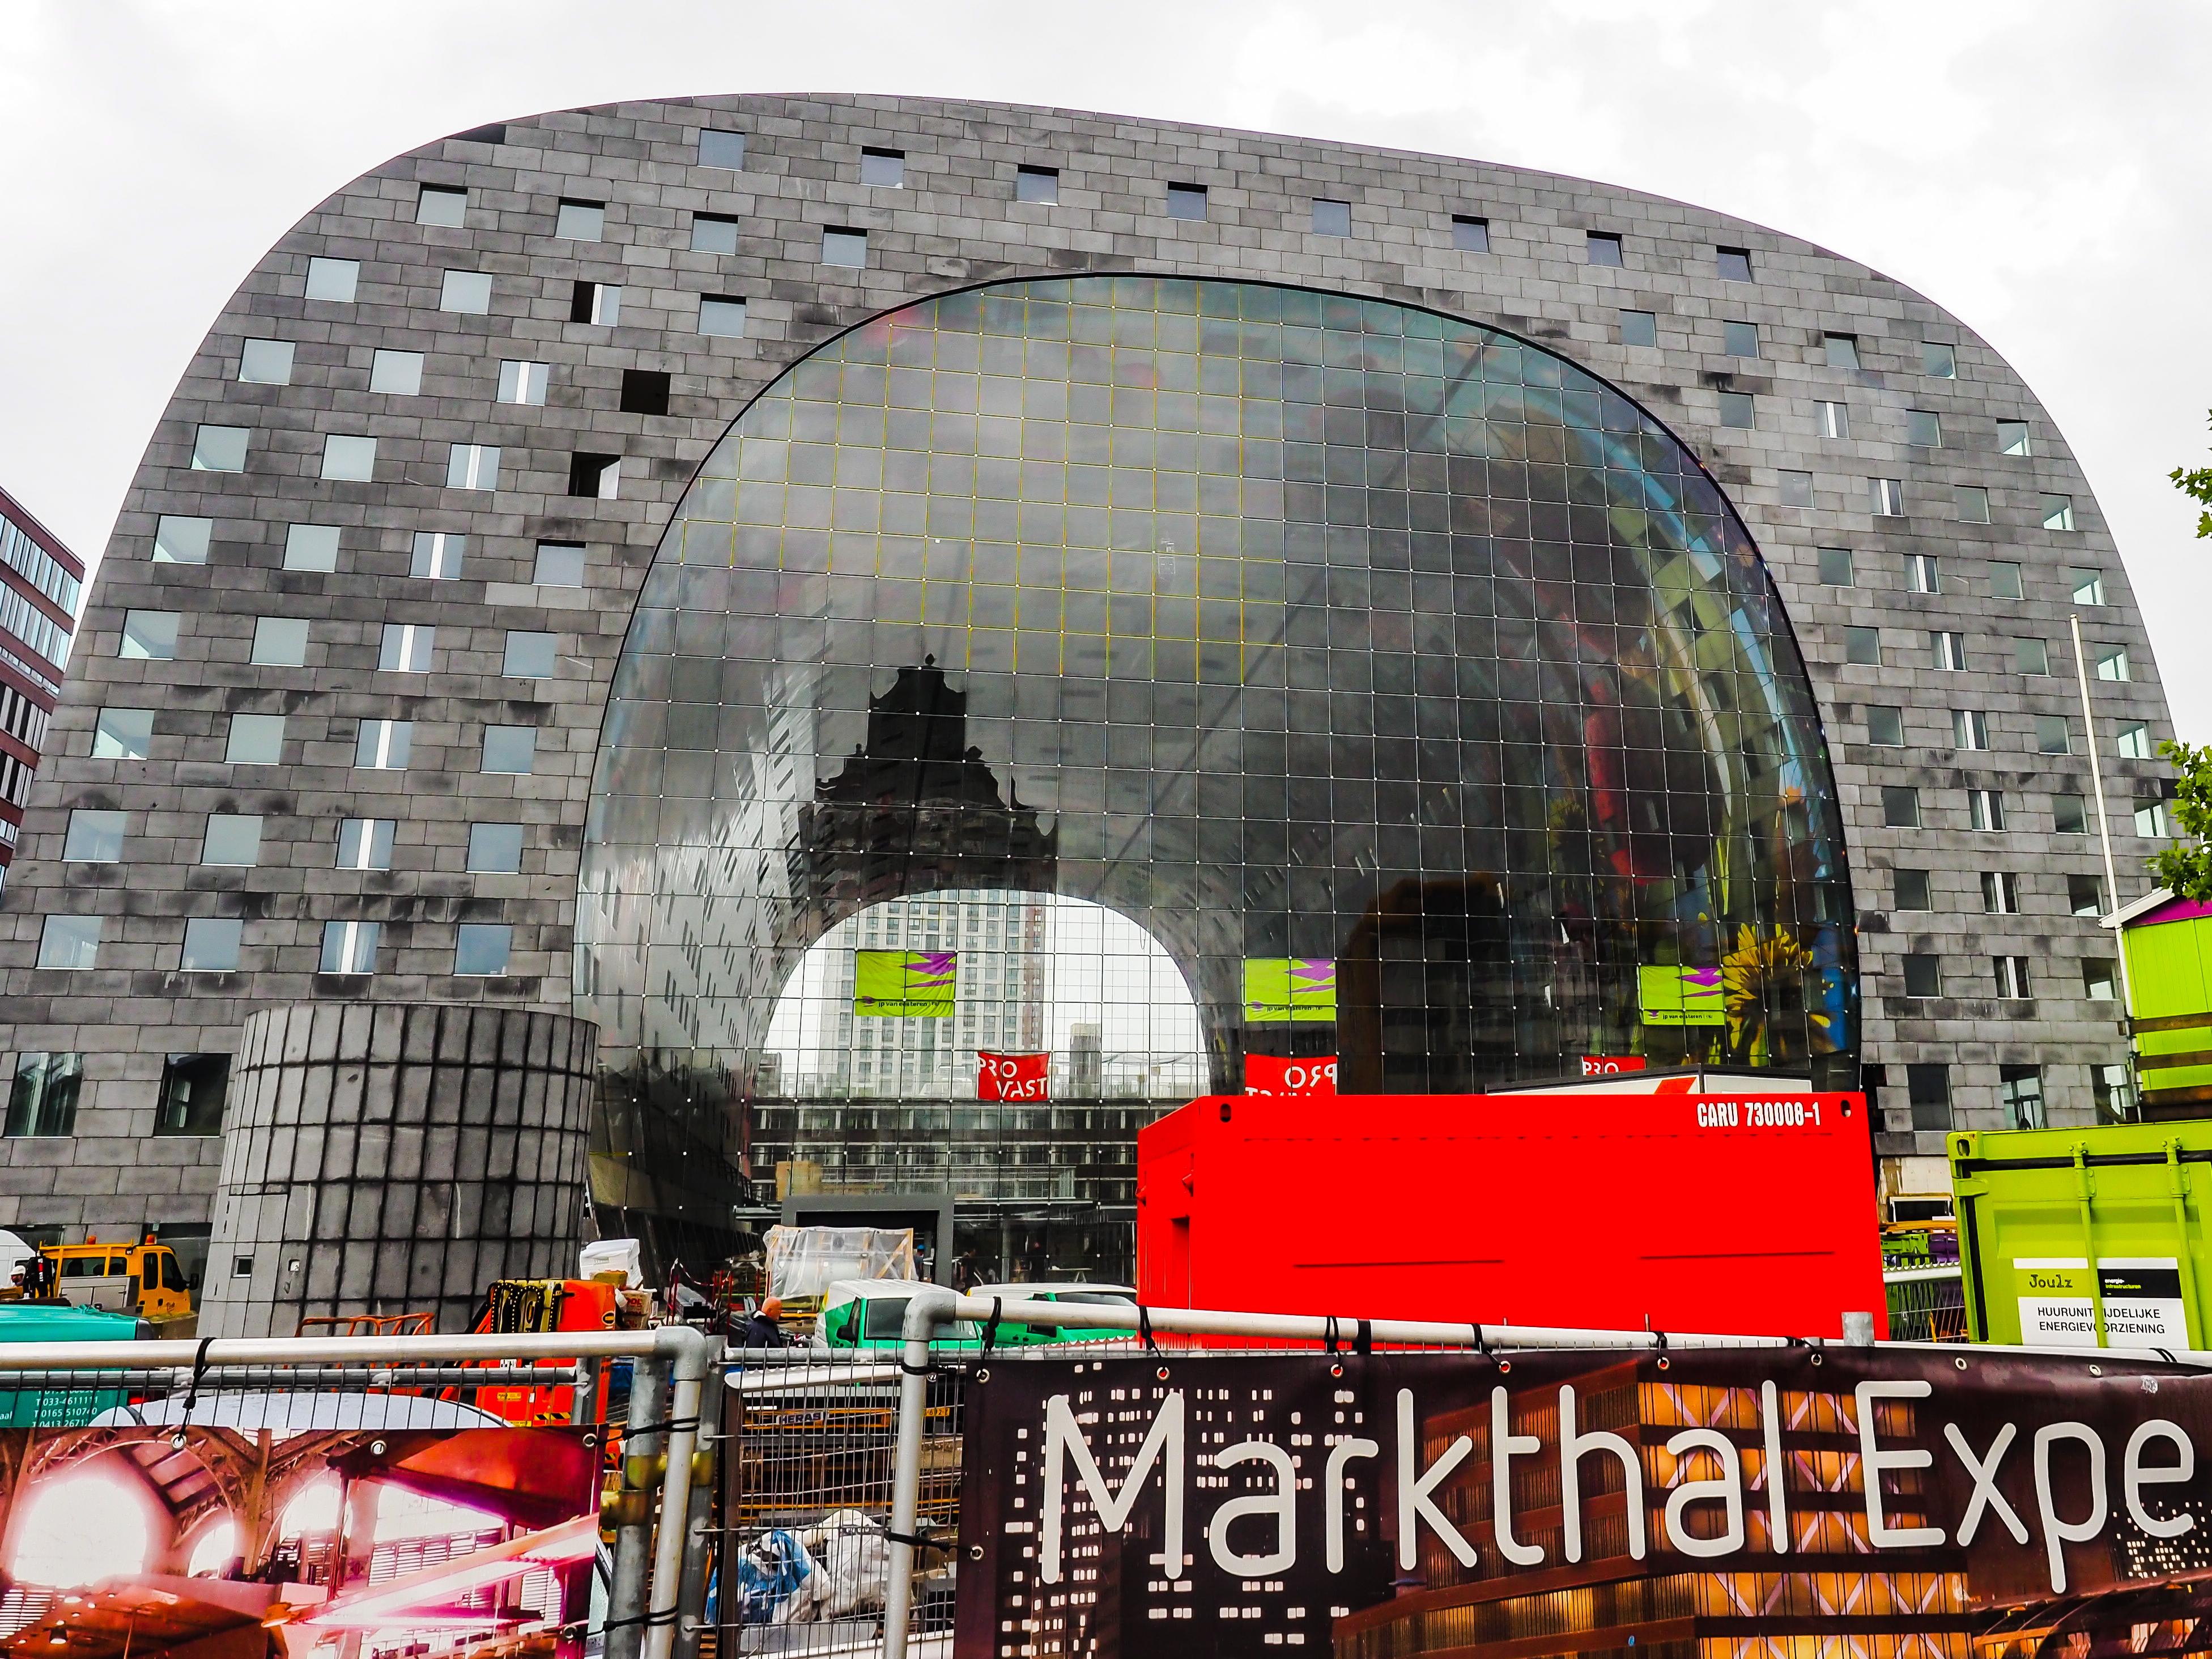 Urban_Architektur-62